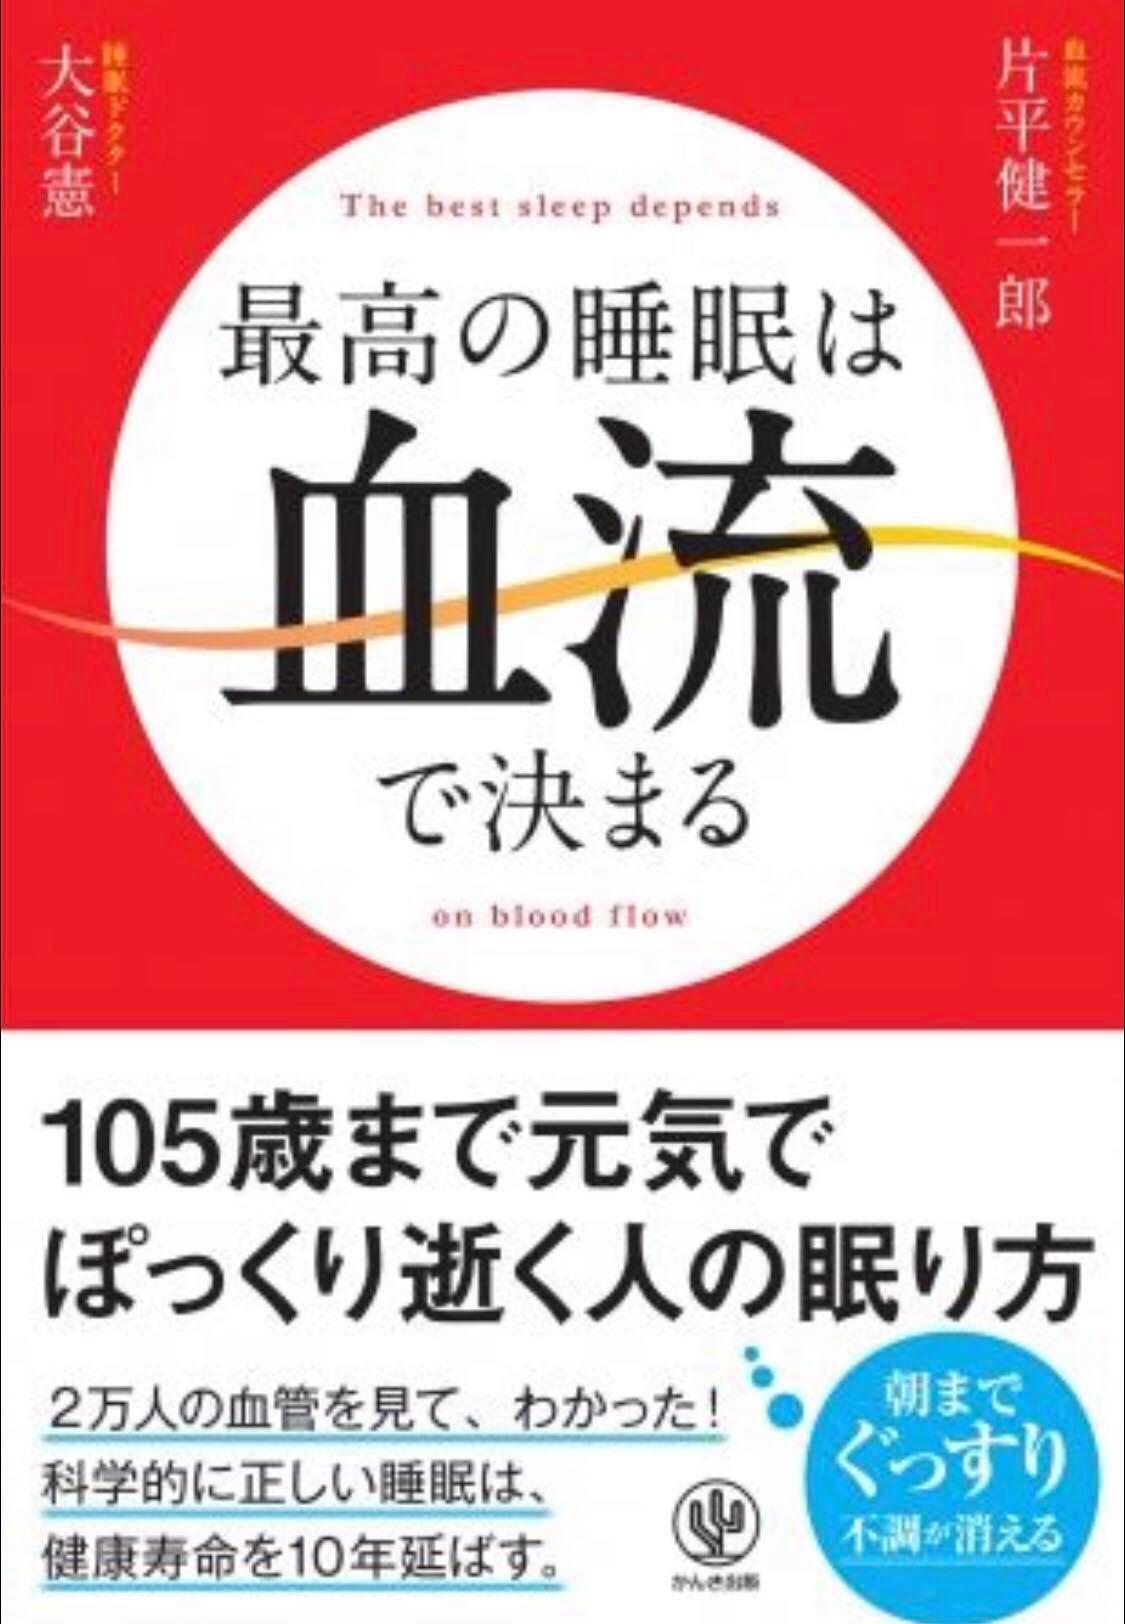 会える フラスコ読書会〜著者に直接質問できる!「読まない読書会」